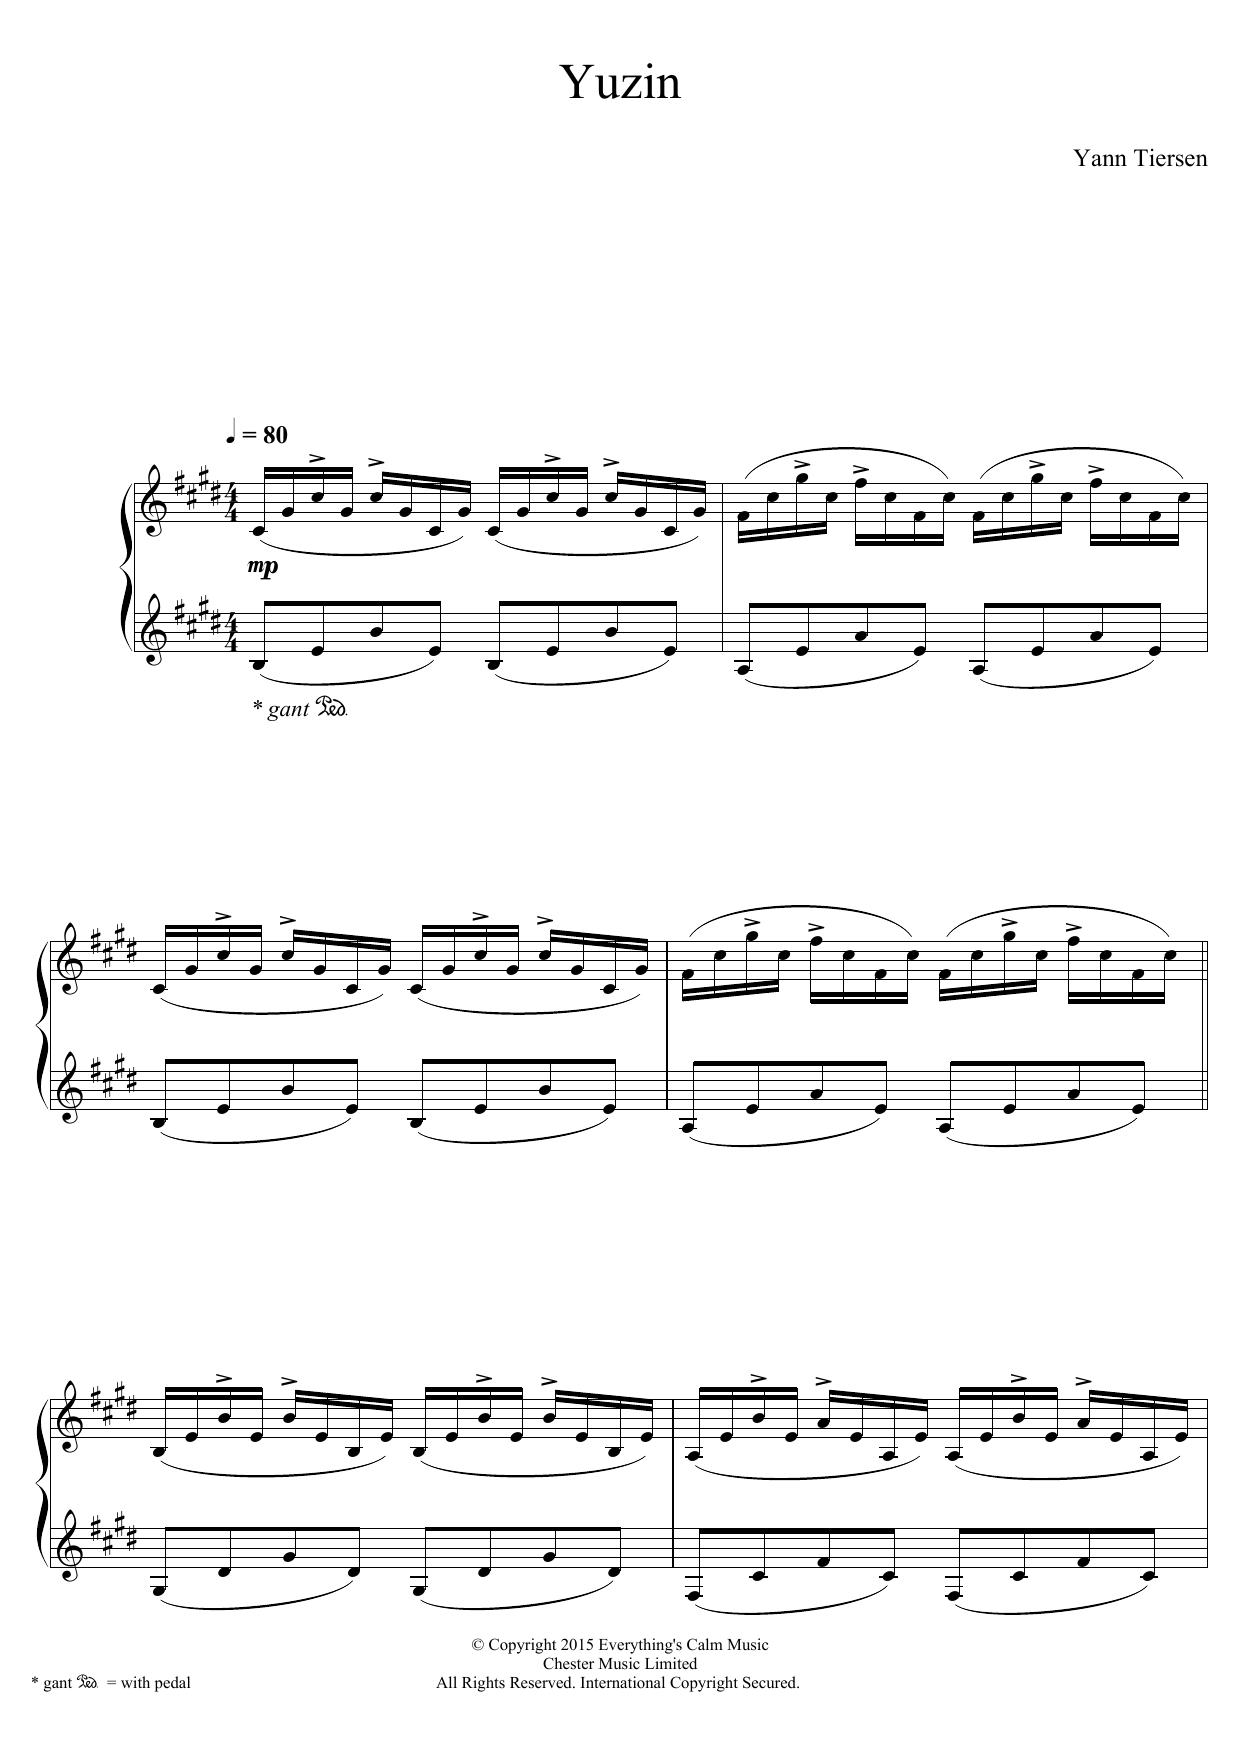 Yann Tiersen - Yuzin